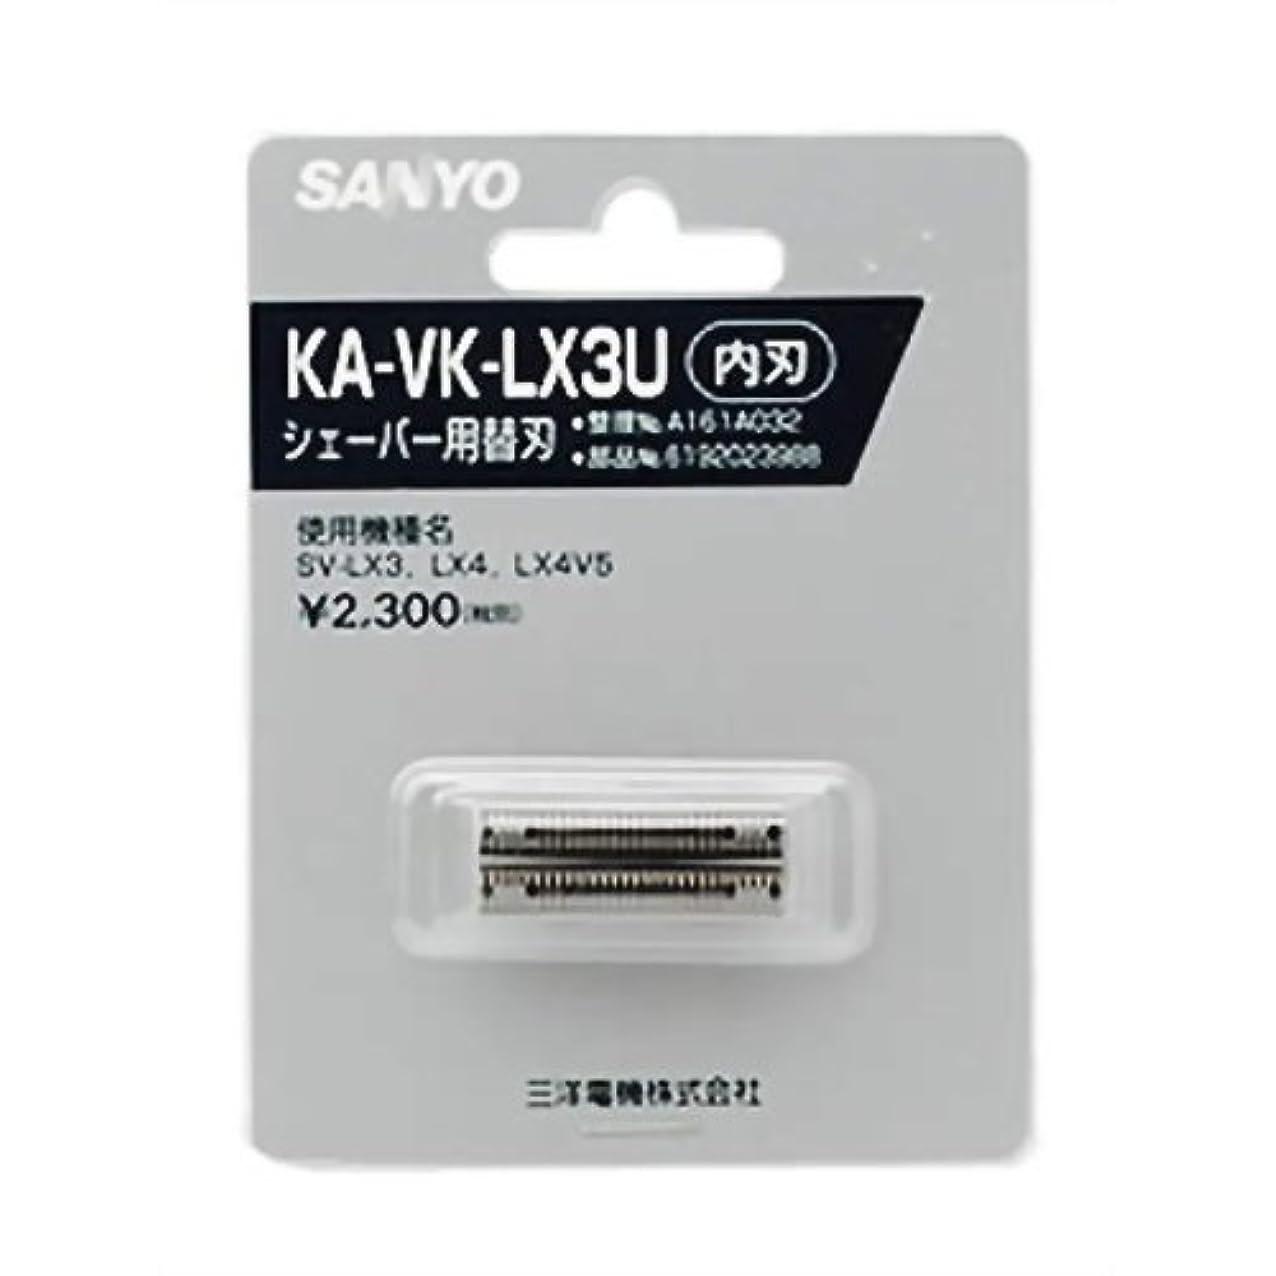 滑りやすいファンド未接続SANYO メンズシェーバー替刃(内刃) KA-VK-LX3U